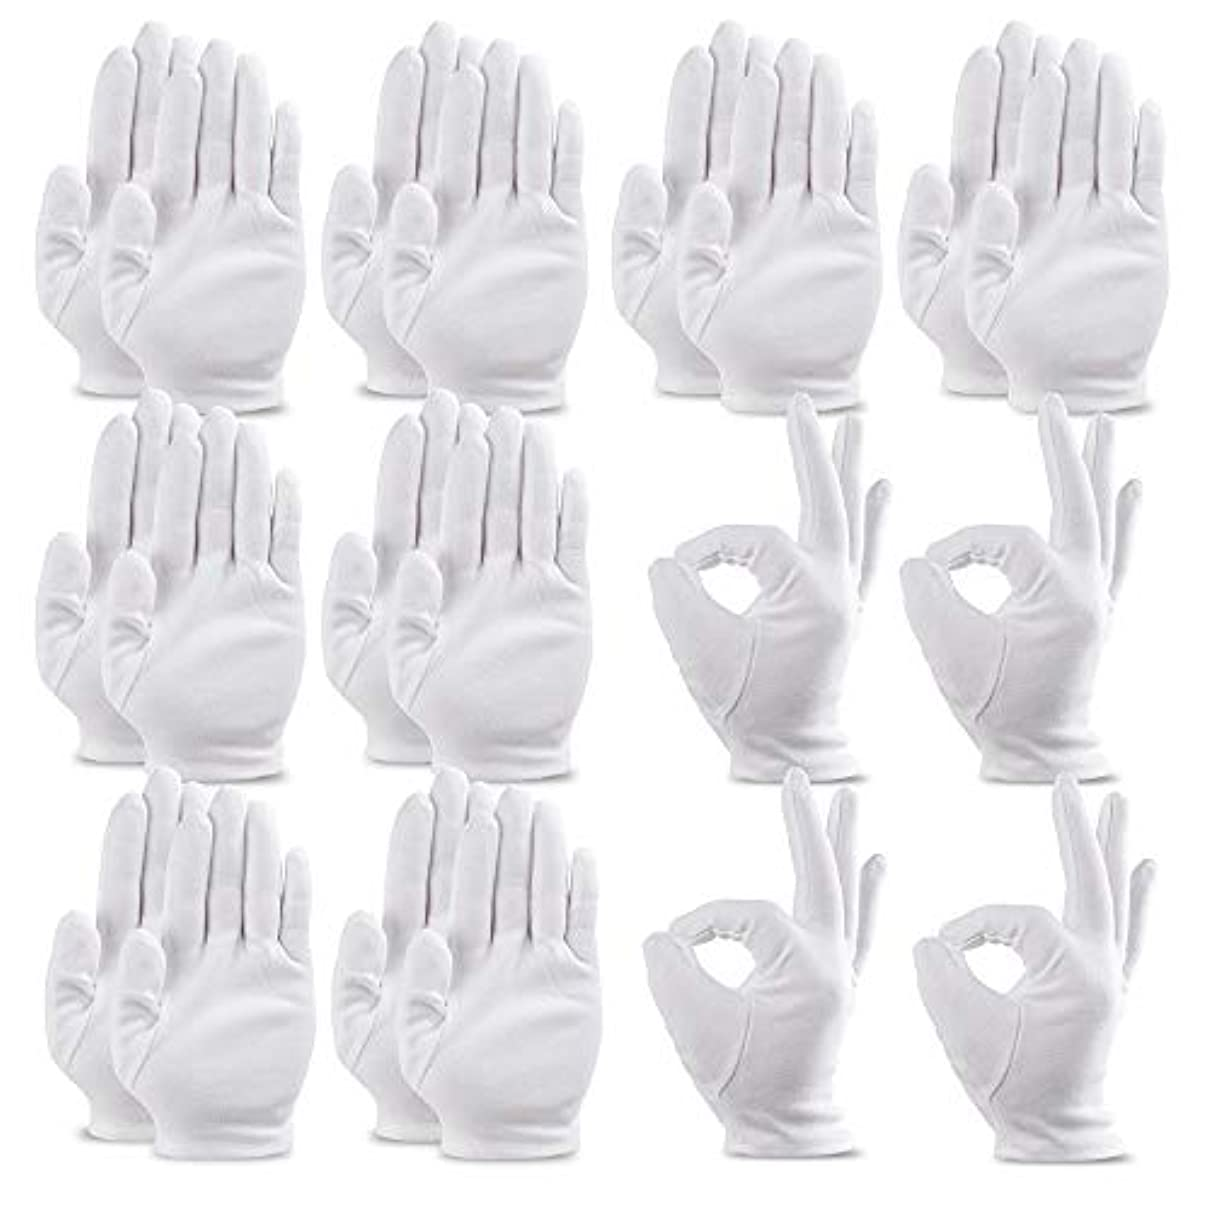 活気づけるミントところで手袋 綿手袋 インナーコットン手袋 ガーデニング用手袋 20枚入り